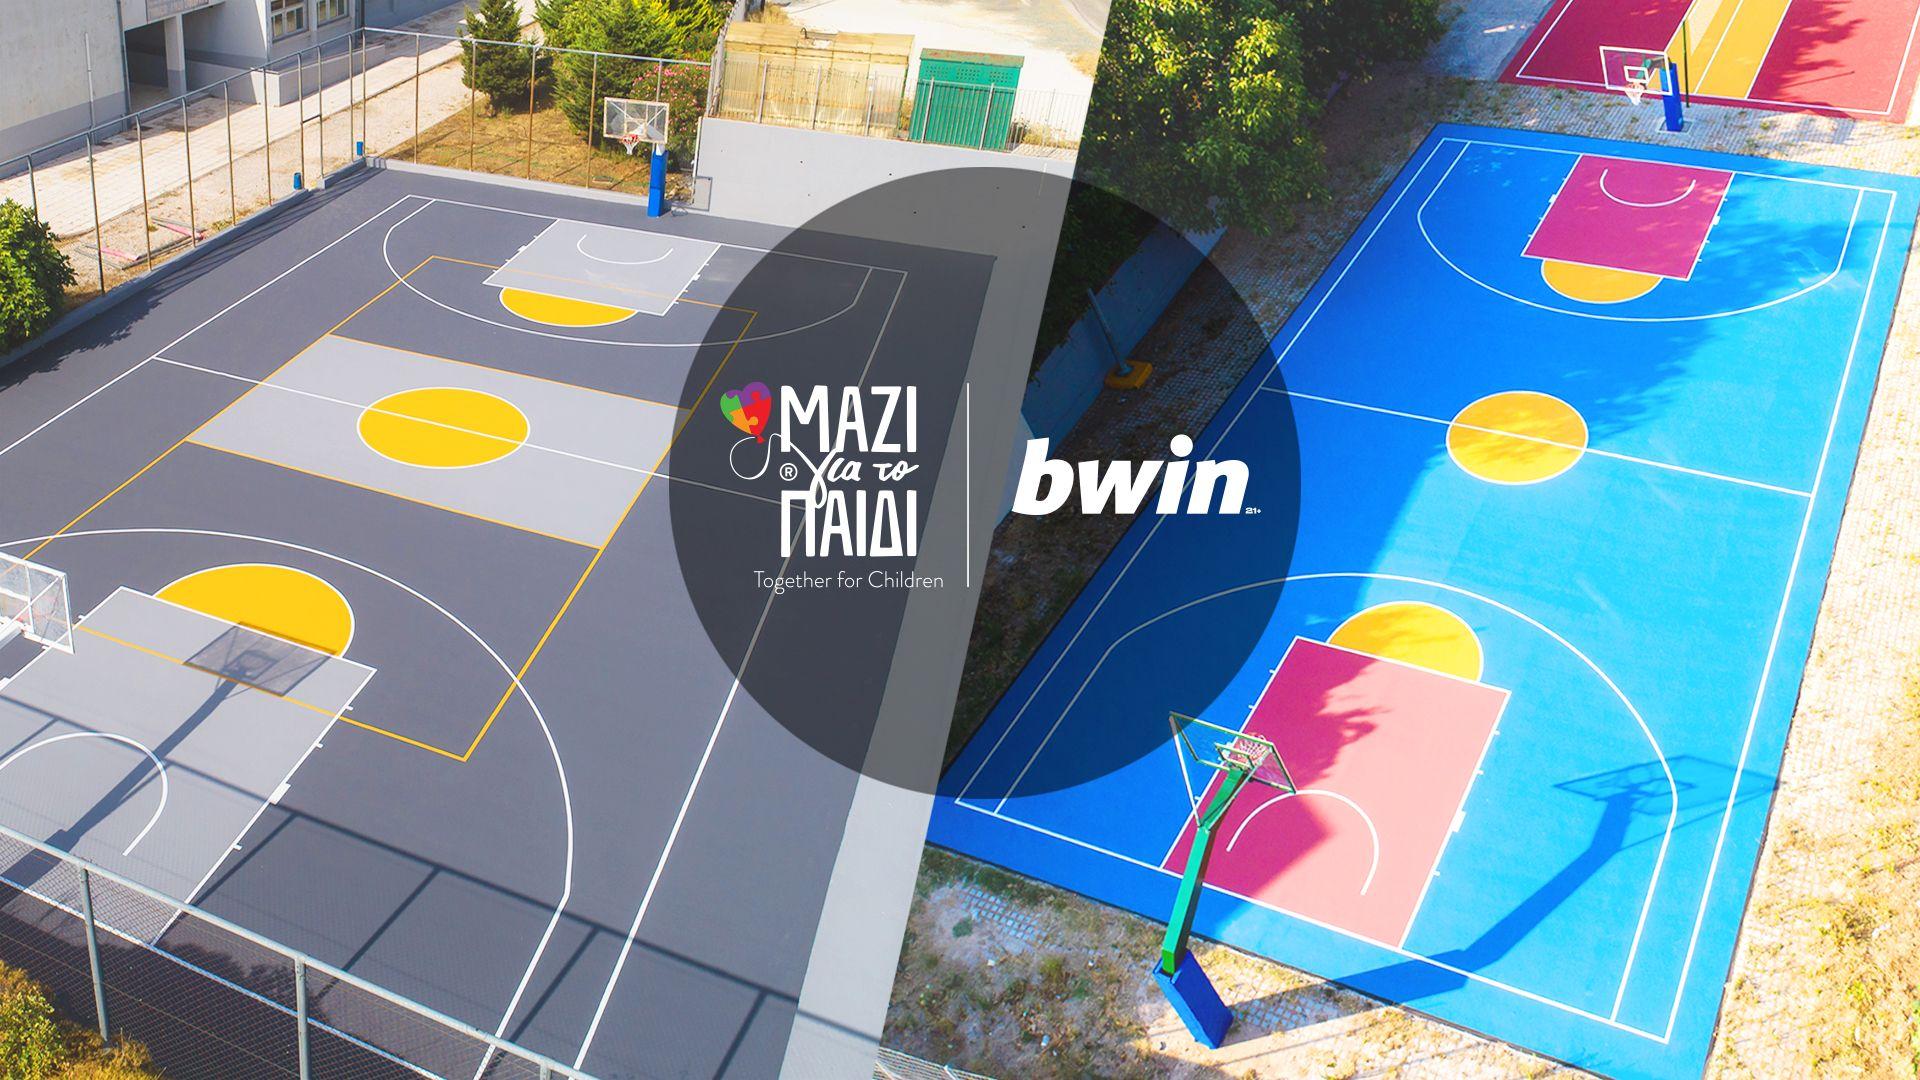 Τρία νέα γήπεδα στη Σαμοθράκη από την Ένωση «Μαζί για το Παιδί & την bwin